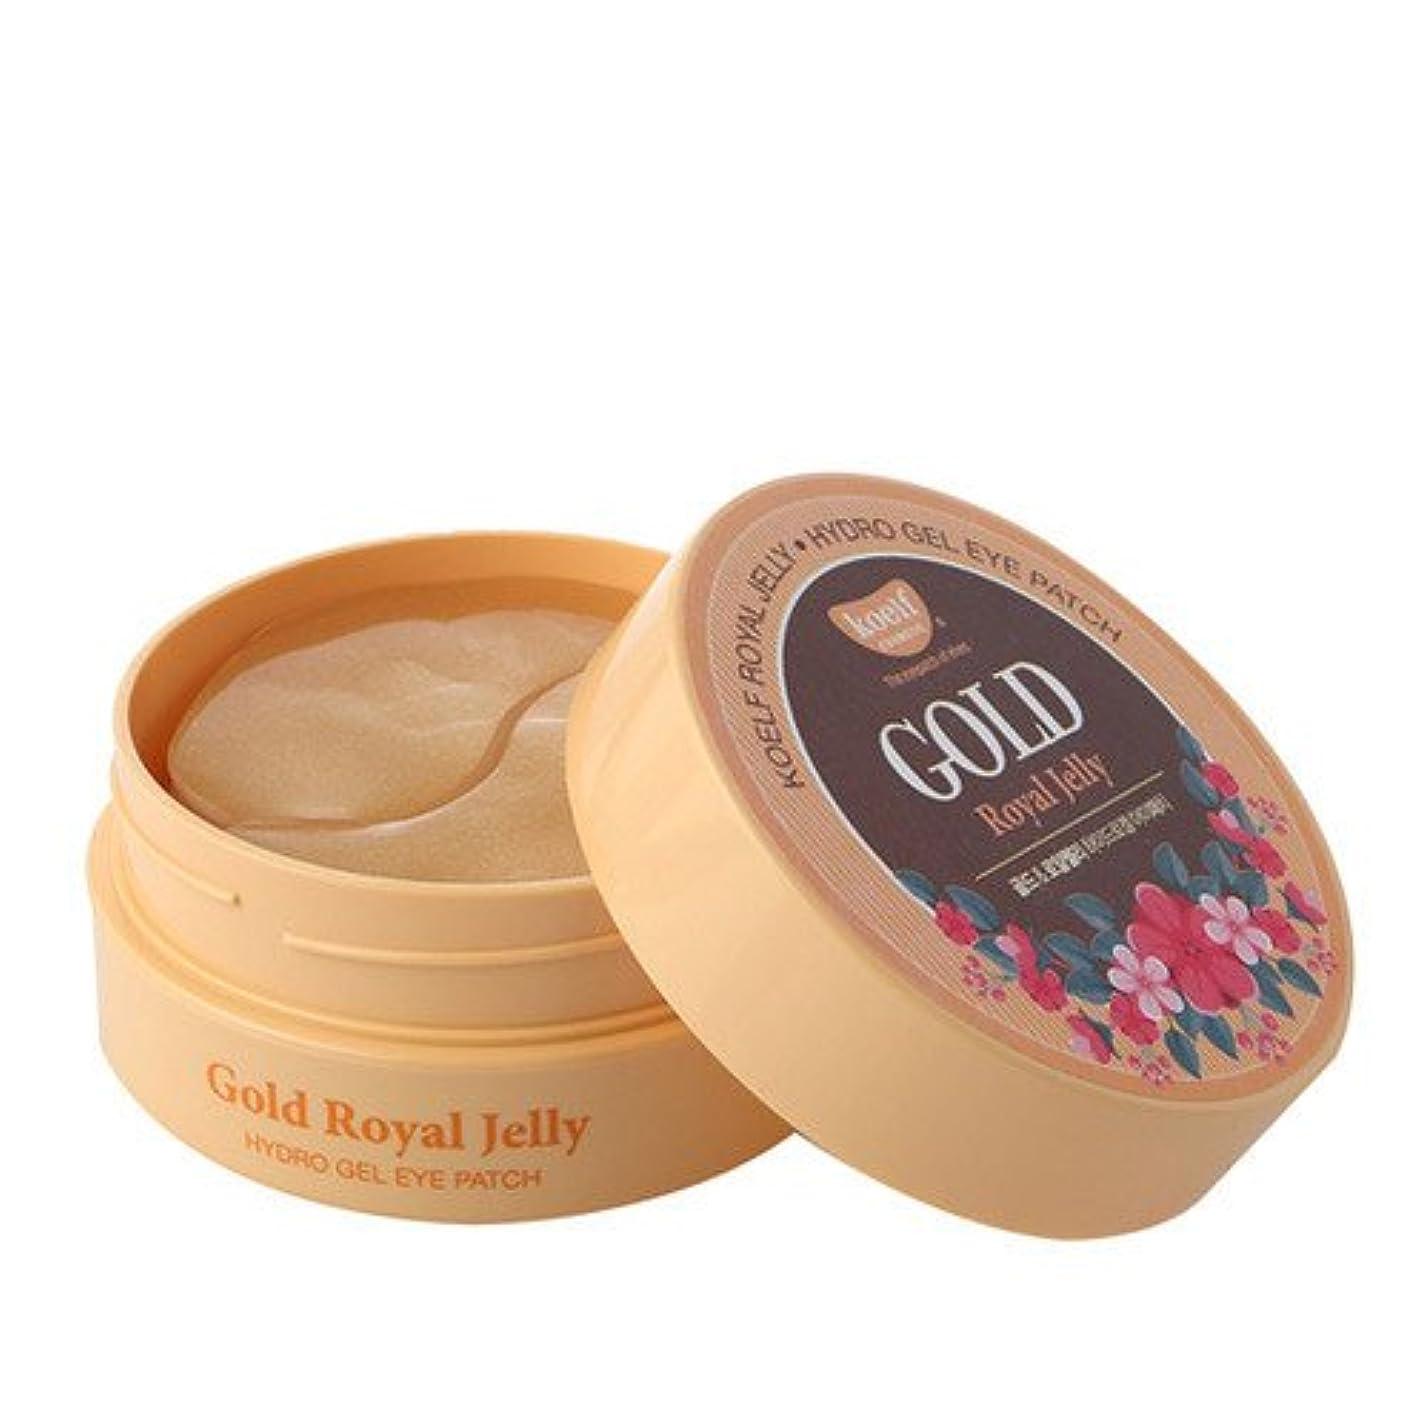 透明に行進病者PETITFEE Koelf Hydro Gel Eye Patch 1.4g×60EA/プチフェ コエルフ ハイドロゲル アイパッチ 1.4g×60枚入り (#Gold & Royal Jelly) [並行輸入品]